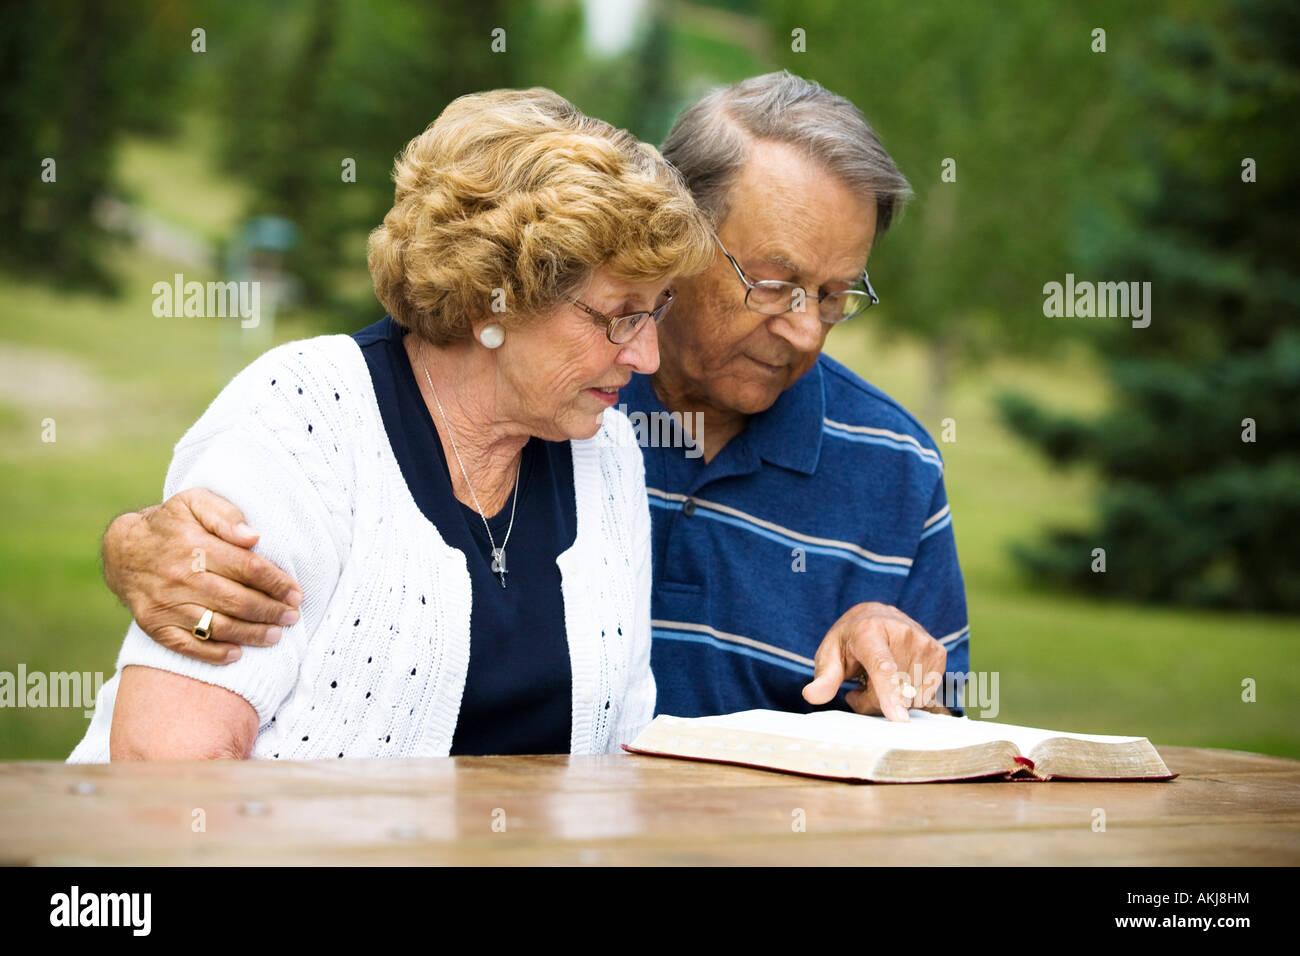 Matrimonio Leyendo La Biblia : Pareja leyendo la biblia senior foto imagen de stock